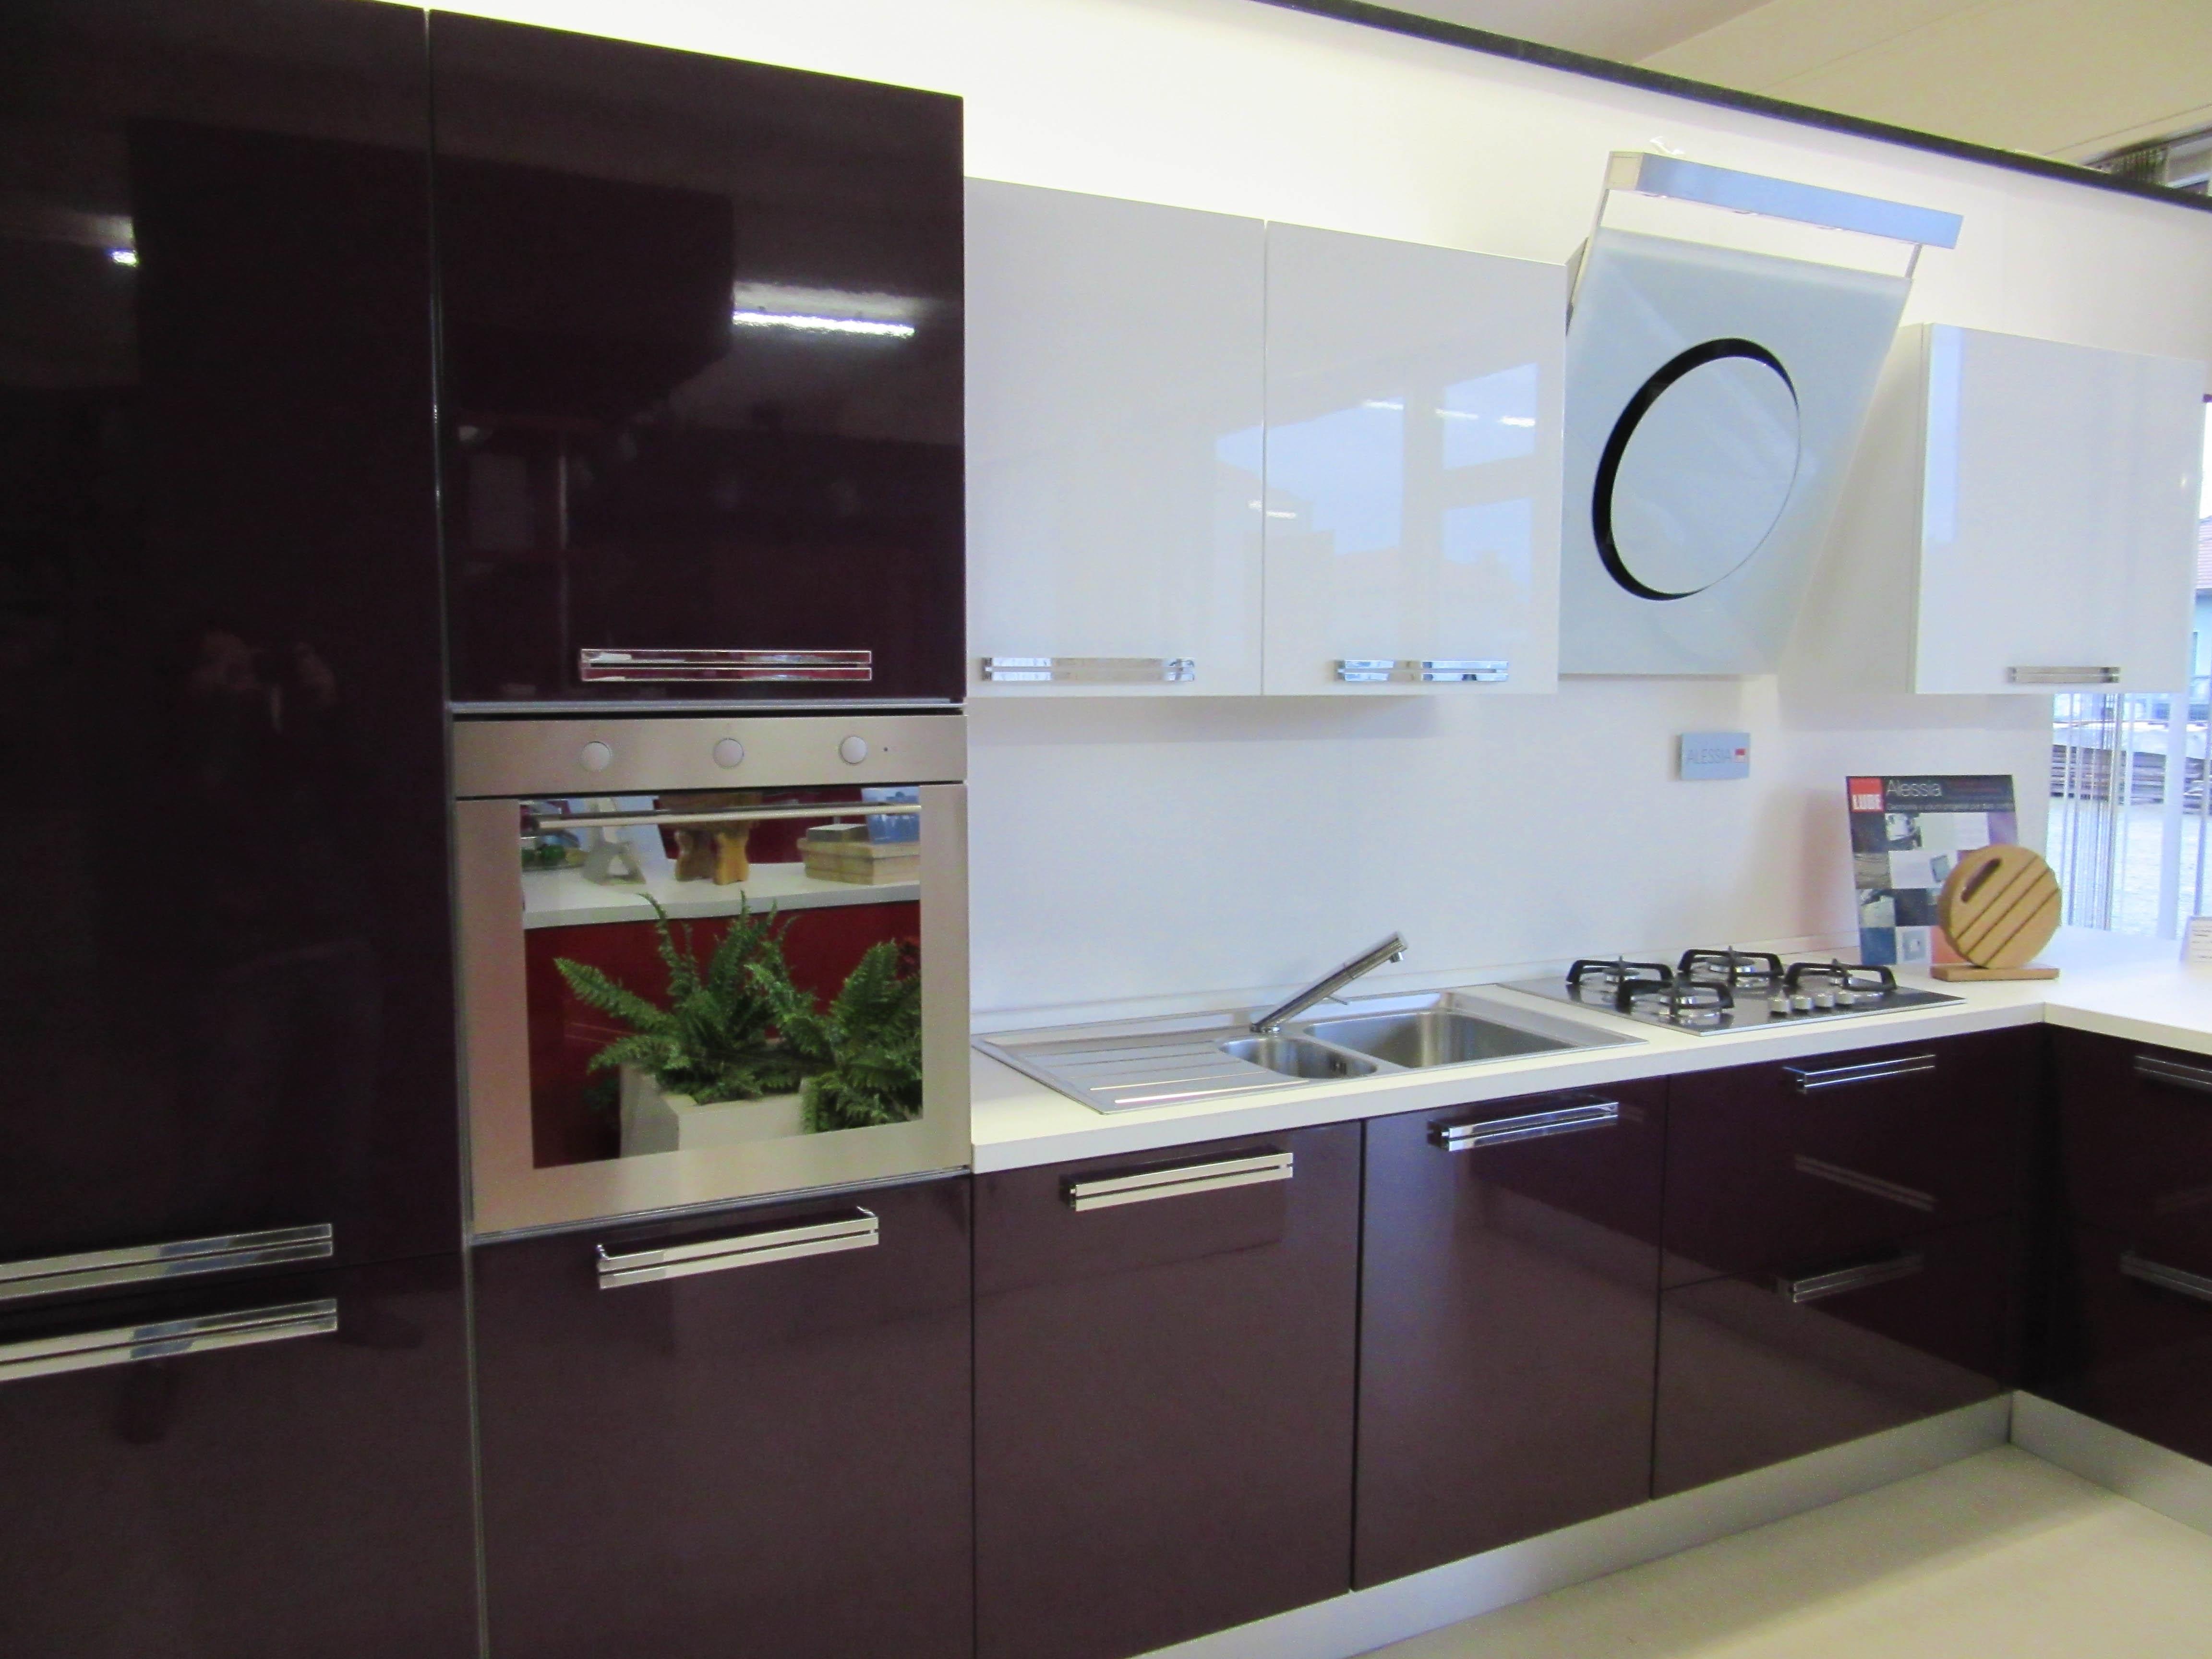 Cucina lube cucine alessia polimerico lucido cucine a for Lube cucine prezzi